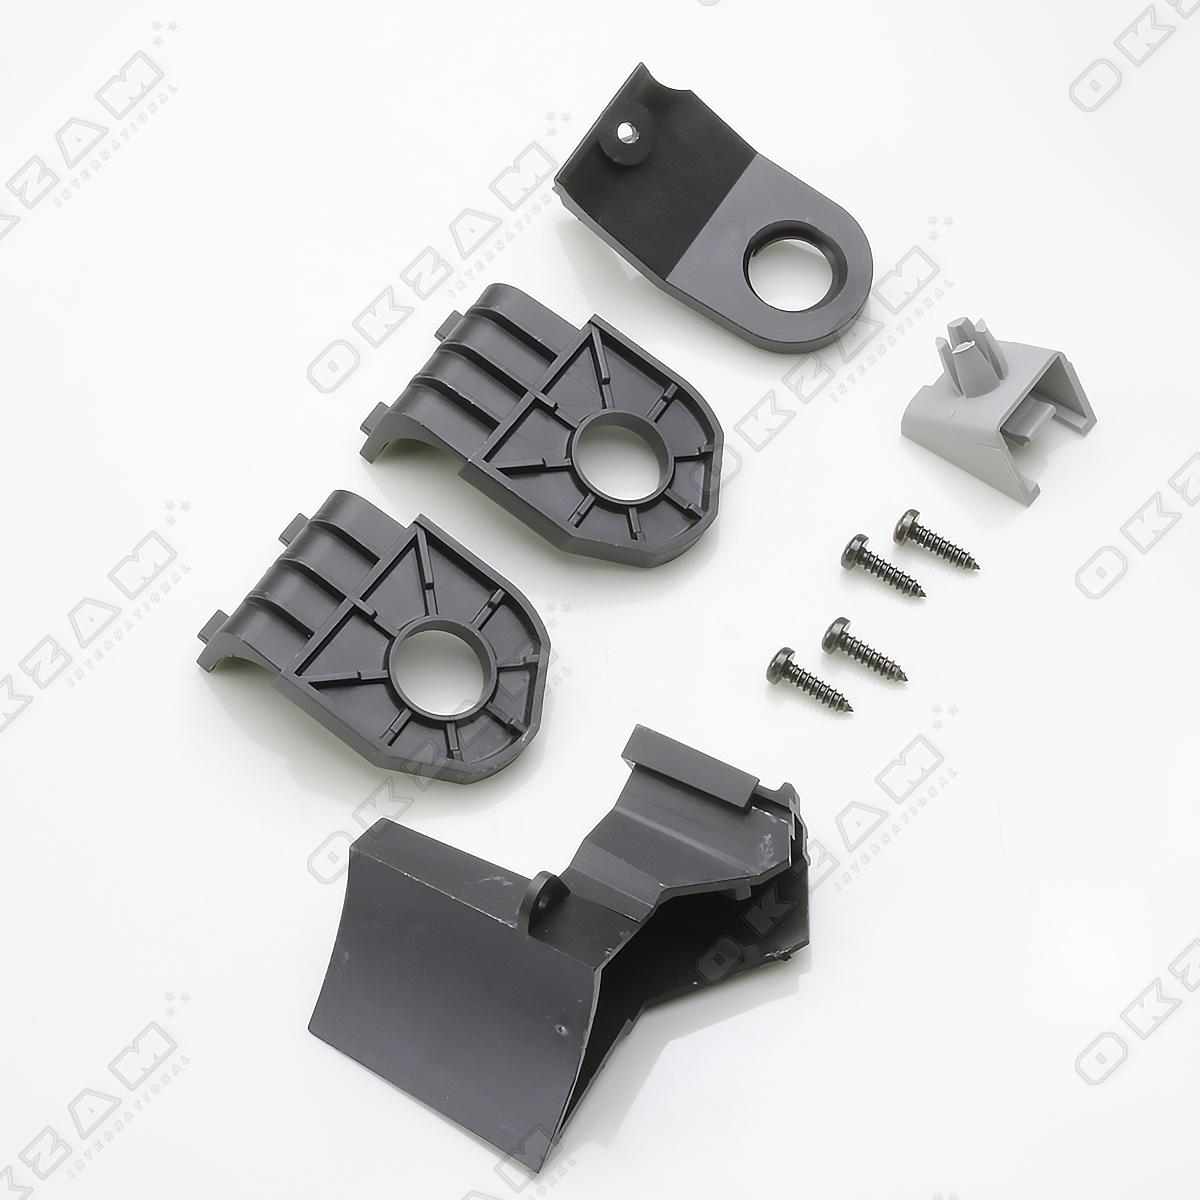 3x fiat punto phares kit de r paration droite 9 pi ces 99 03 neuf ebay - Kit de reparation baignoire acrylique ...